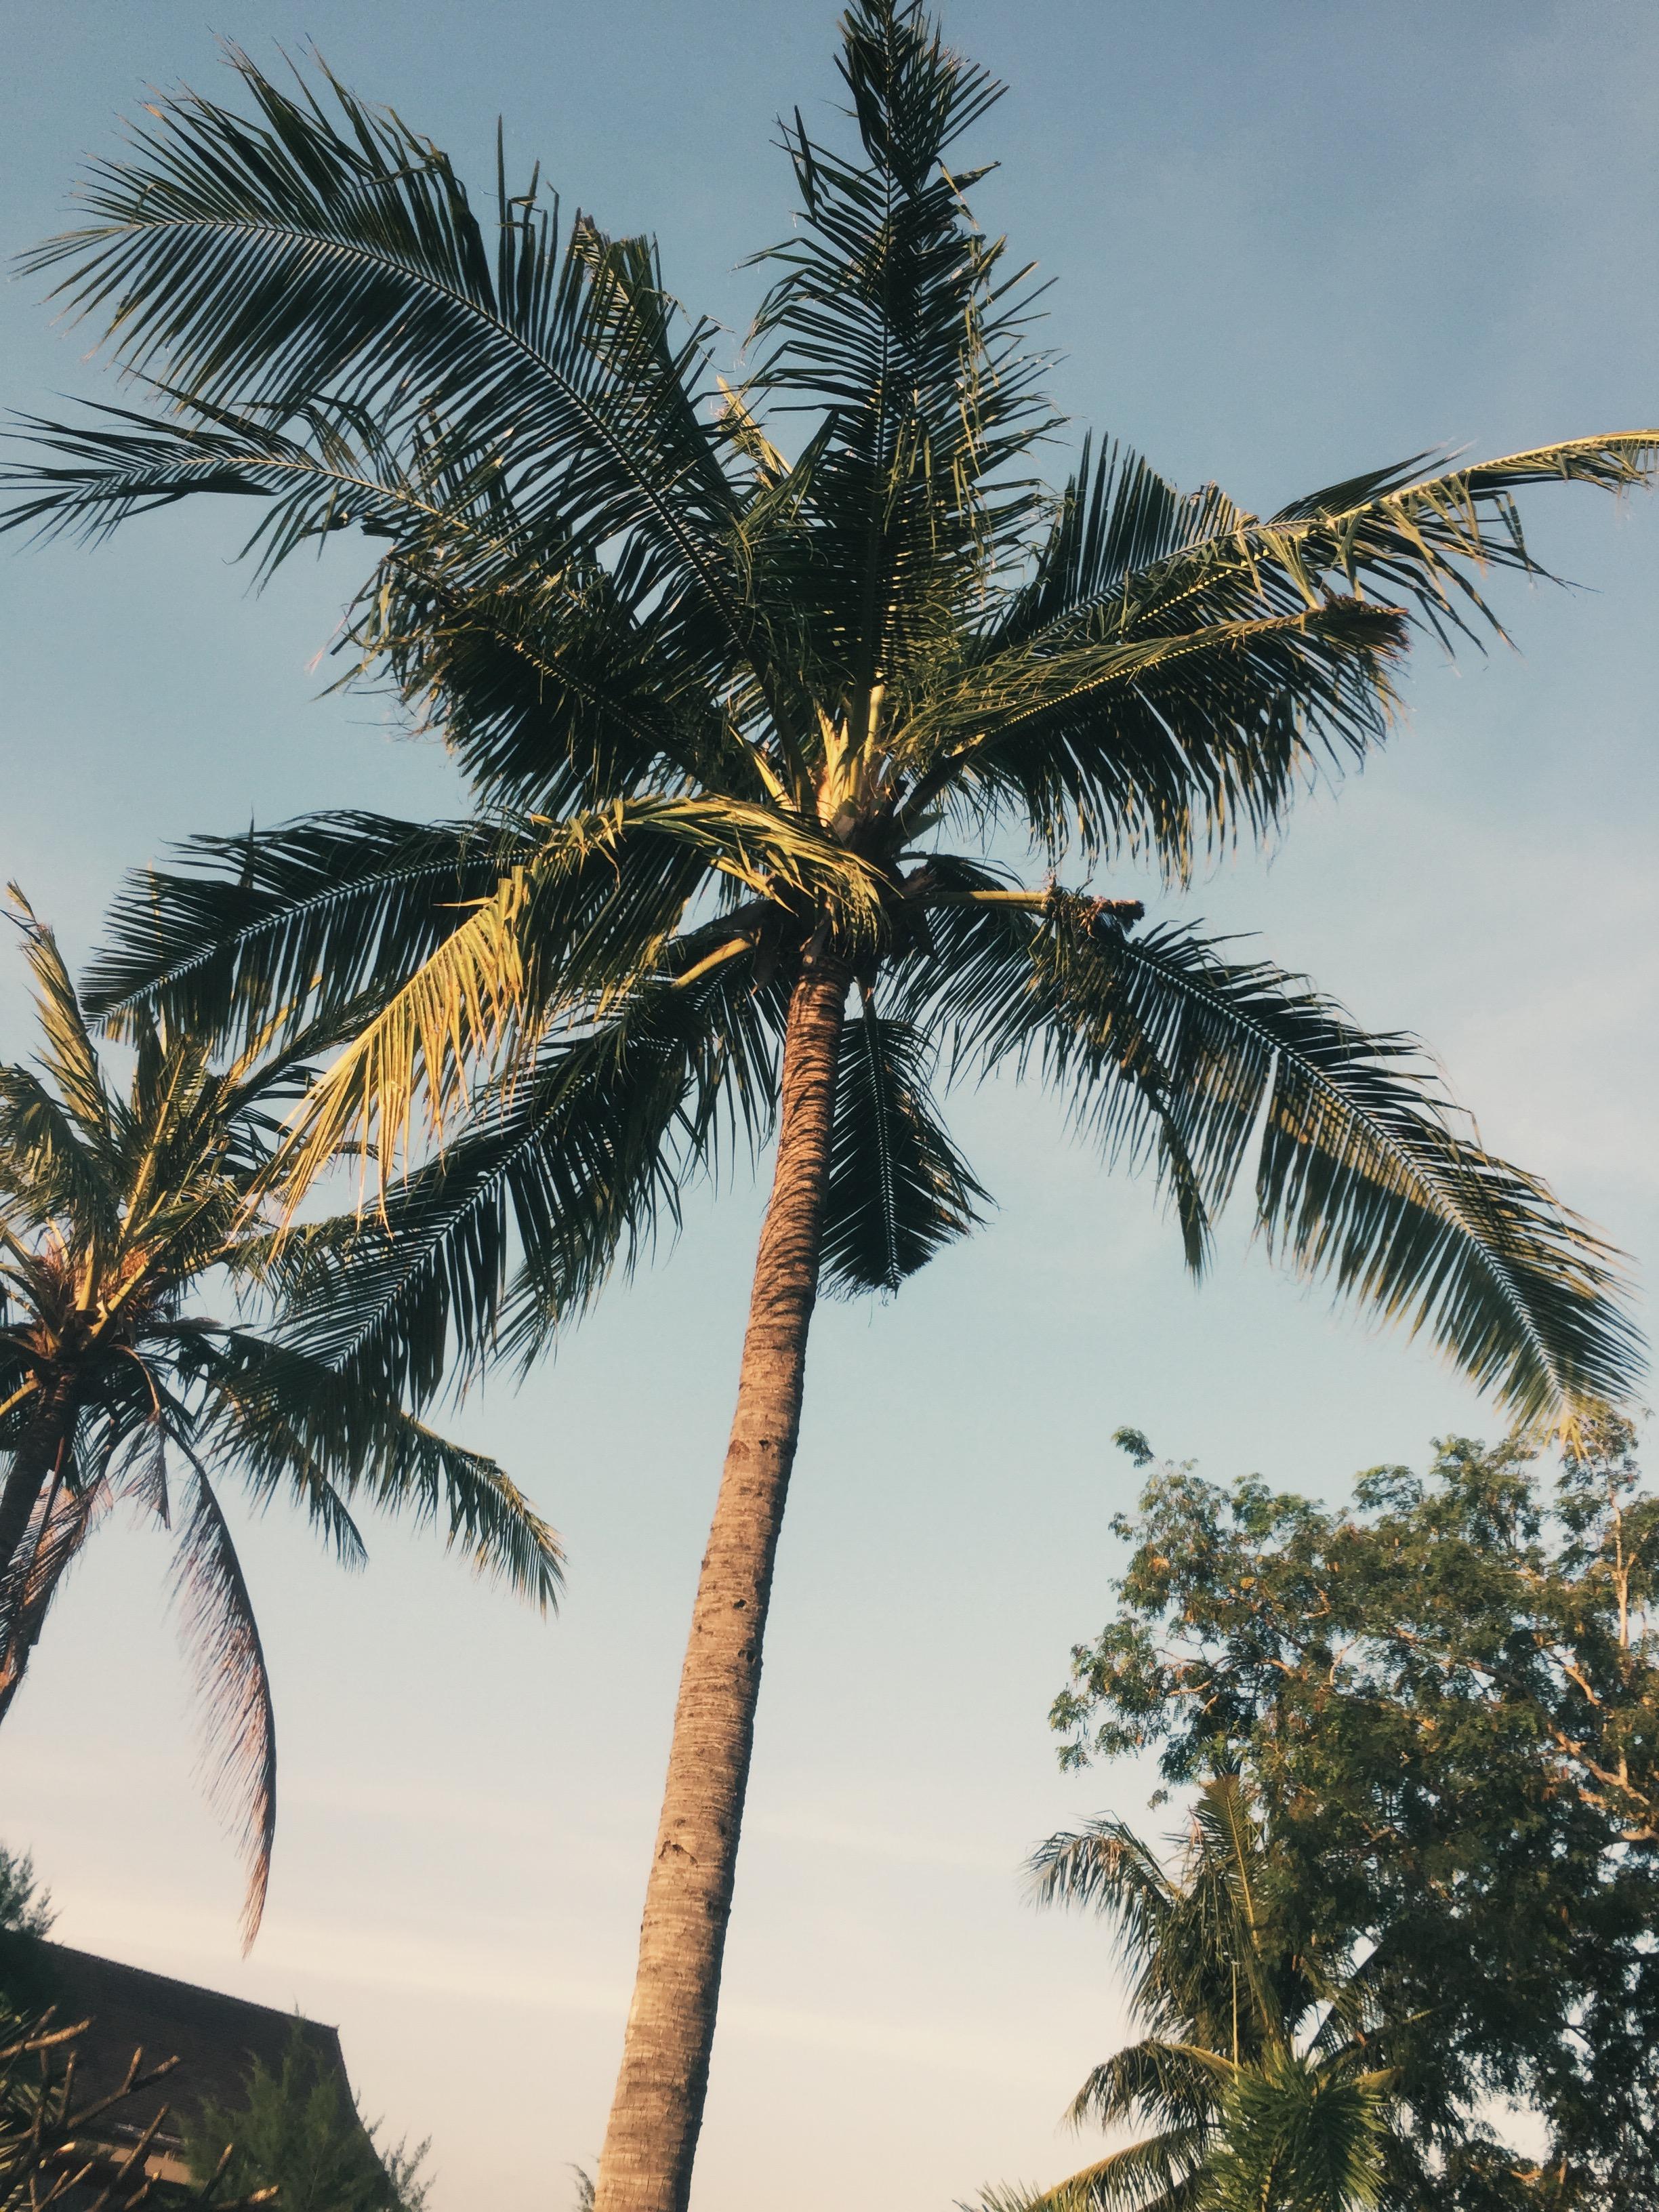 Bali Two Week Itinerary